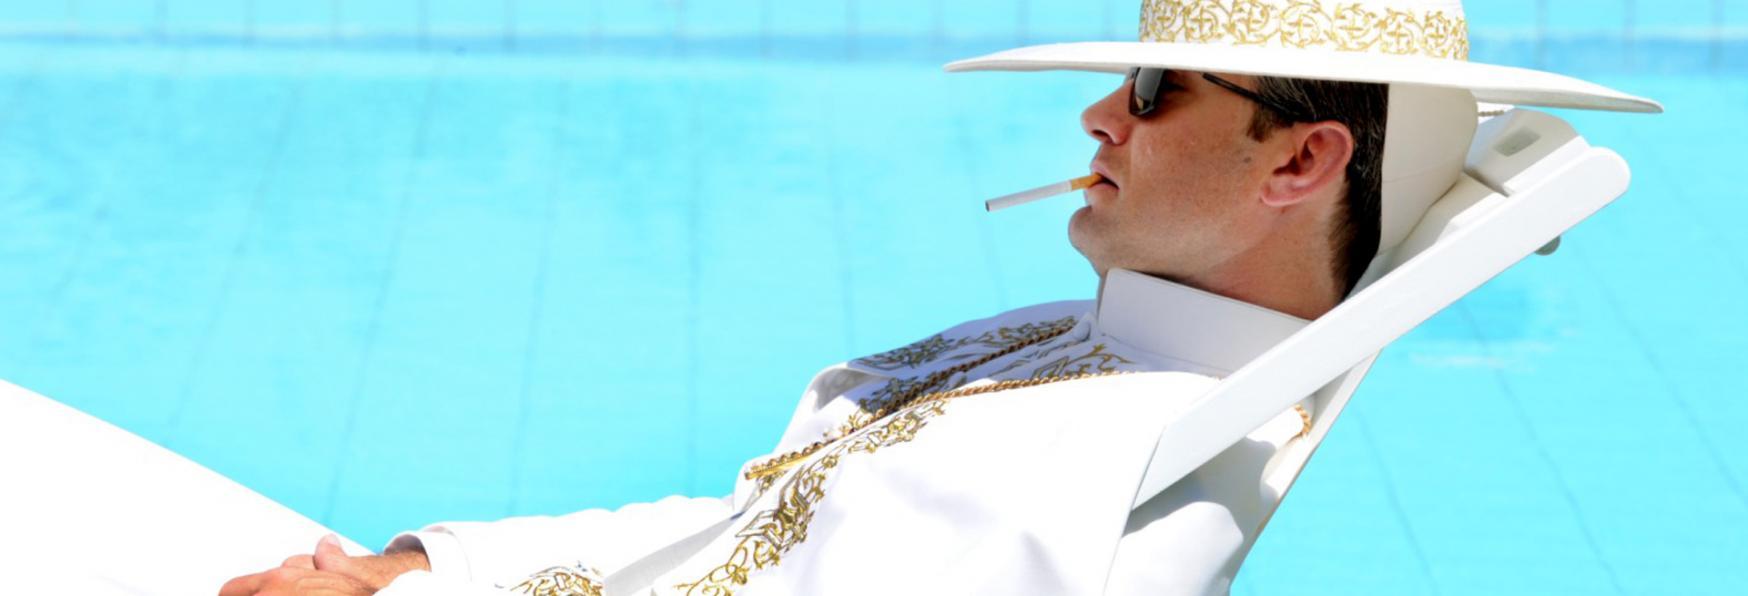 The New Pope: rilasciato il Primo Trailer Trailer della nuova Serie TV HBO